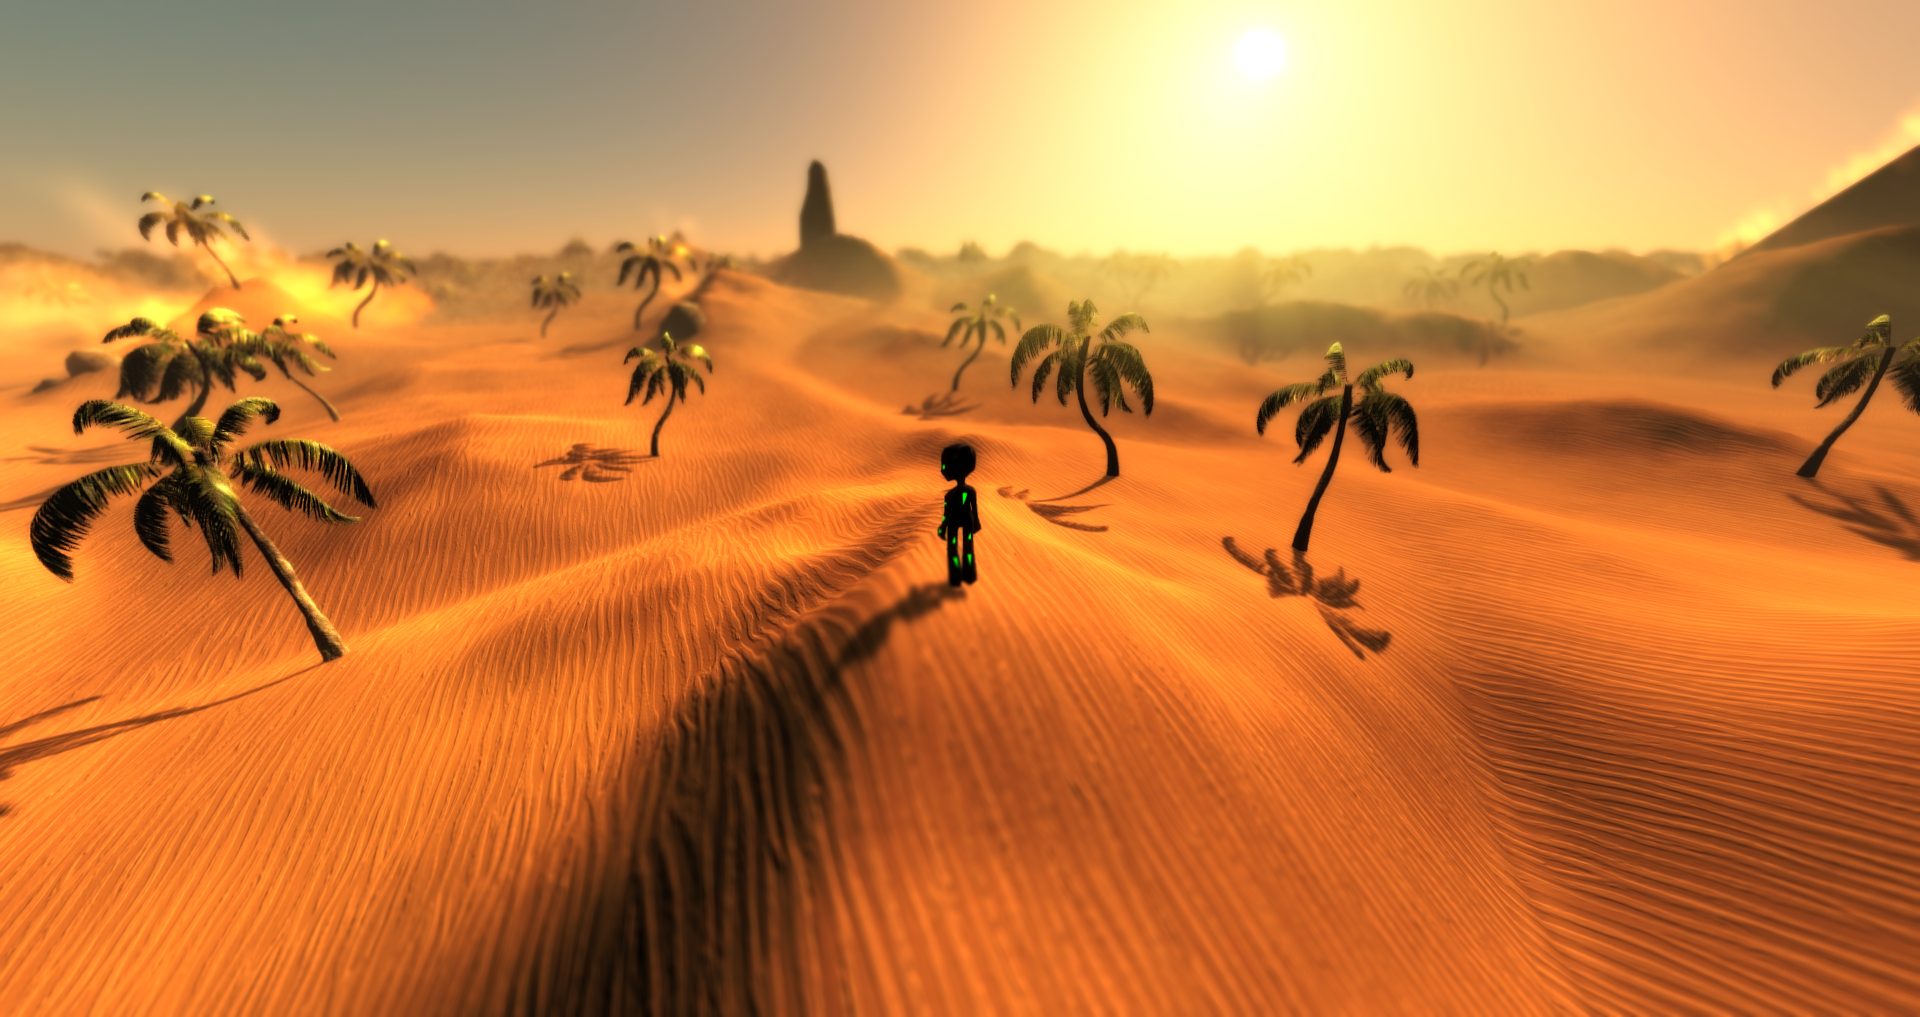 desert_test_3.png